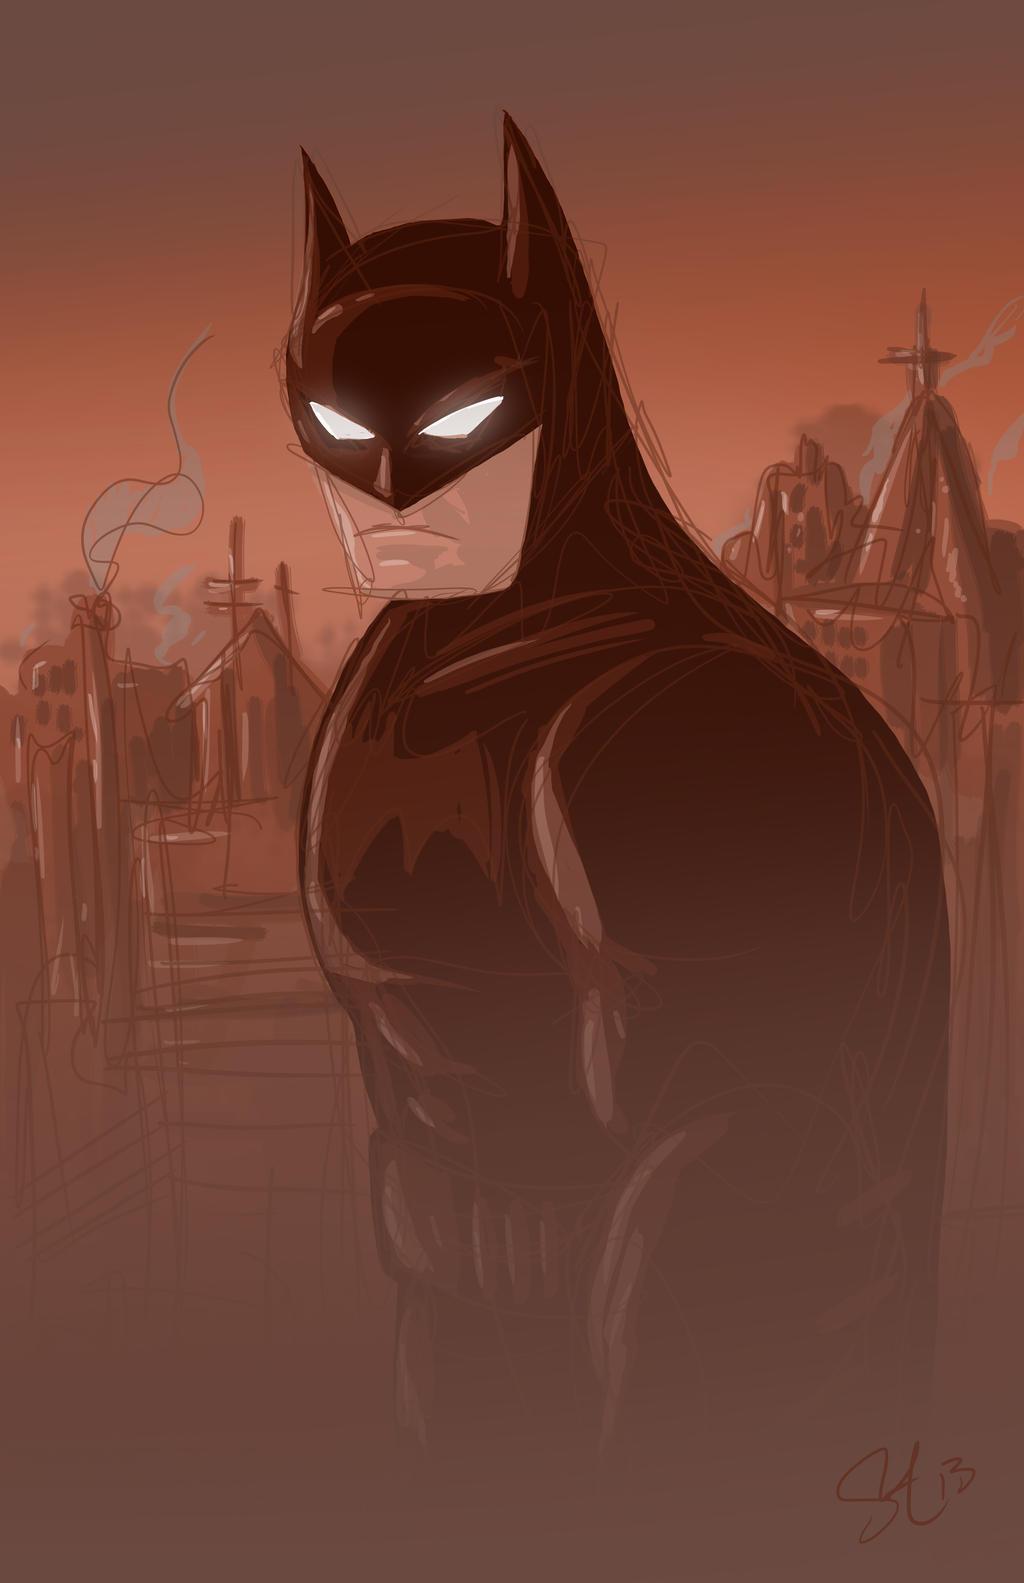 Foggy Dark Knight. by scootah91